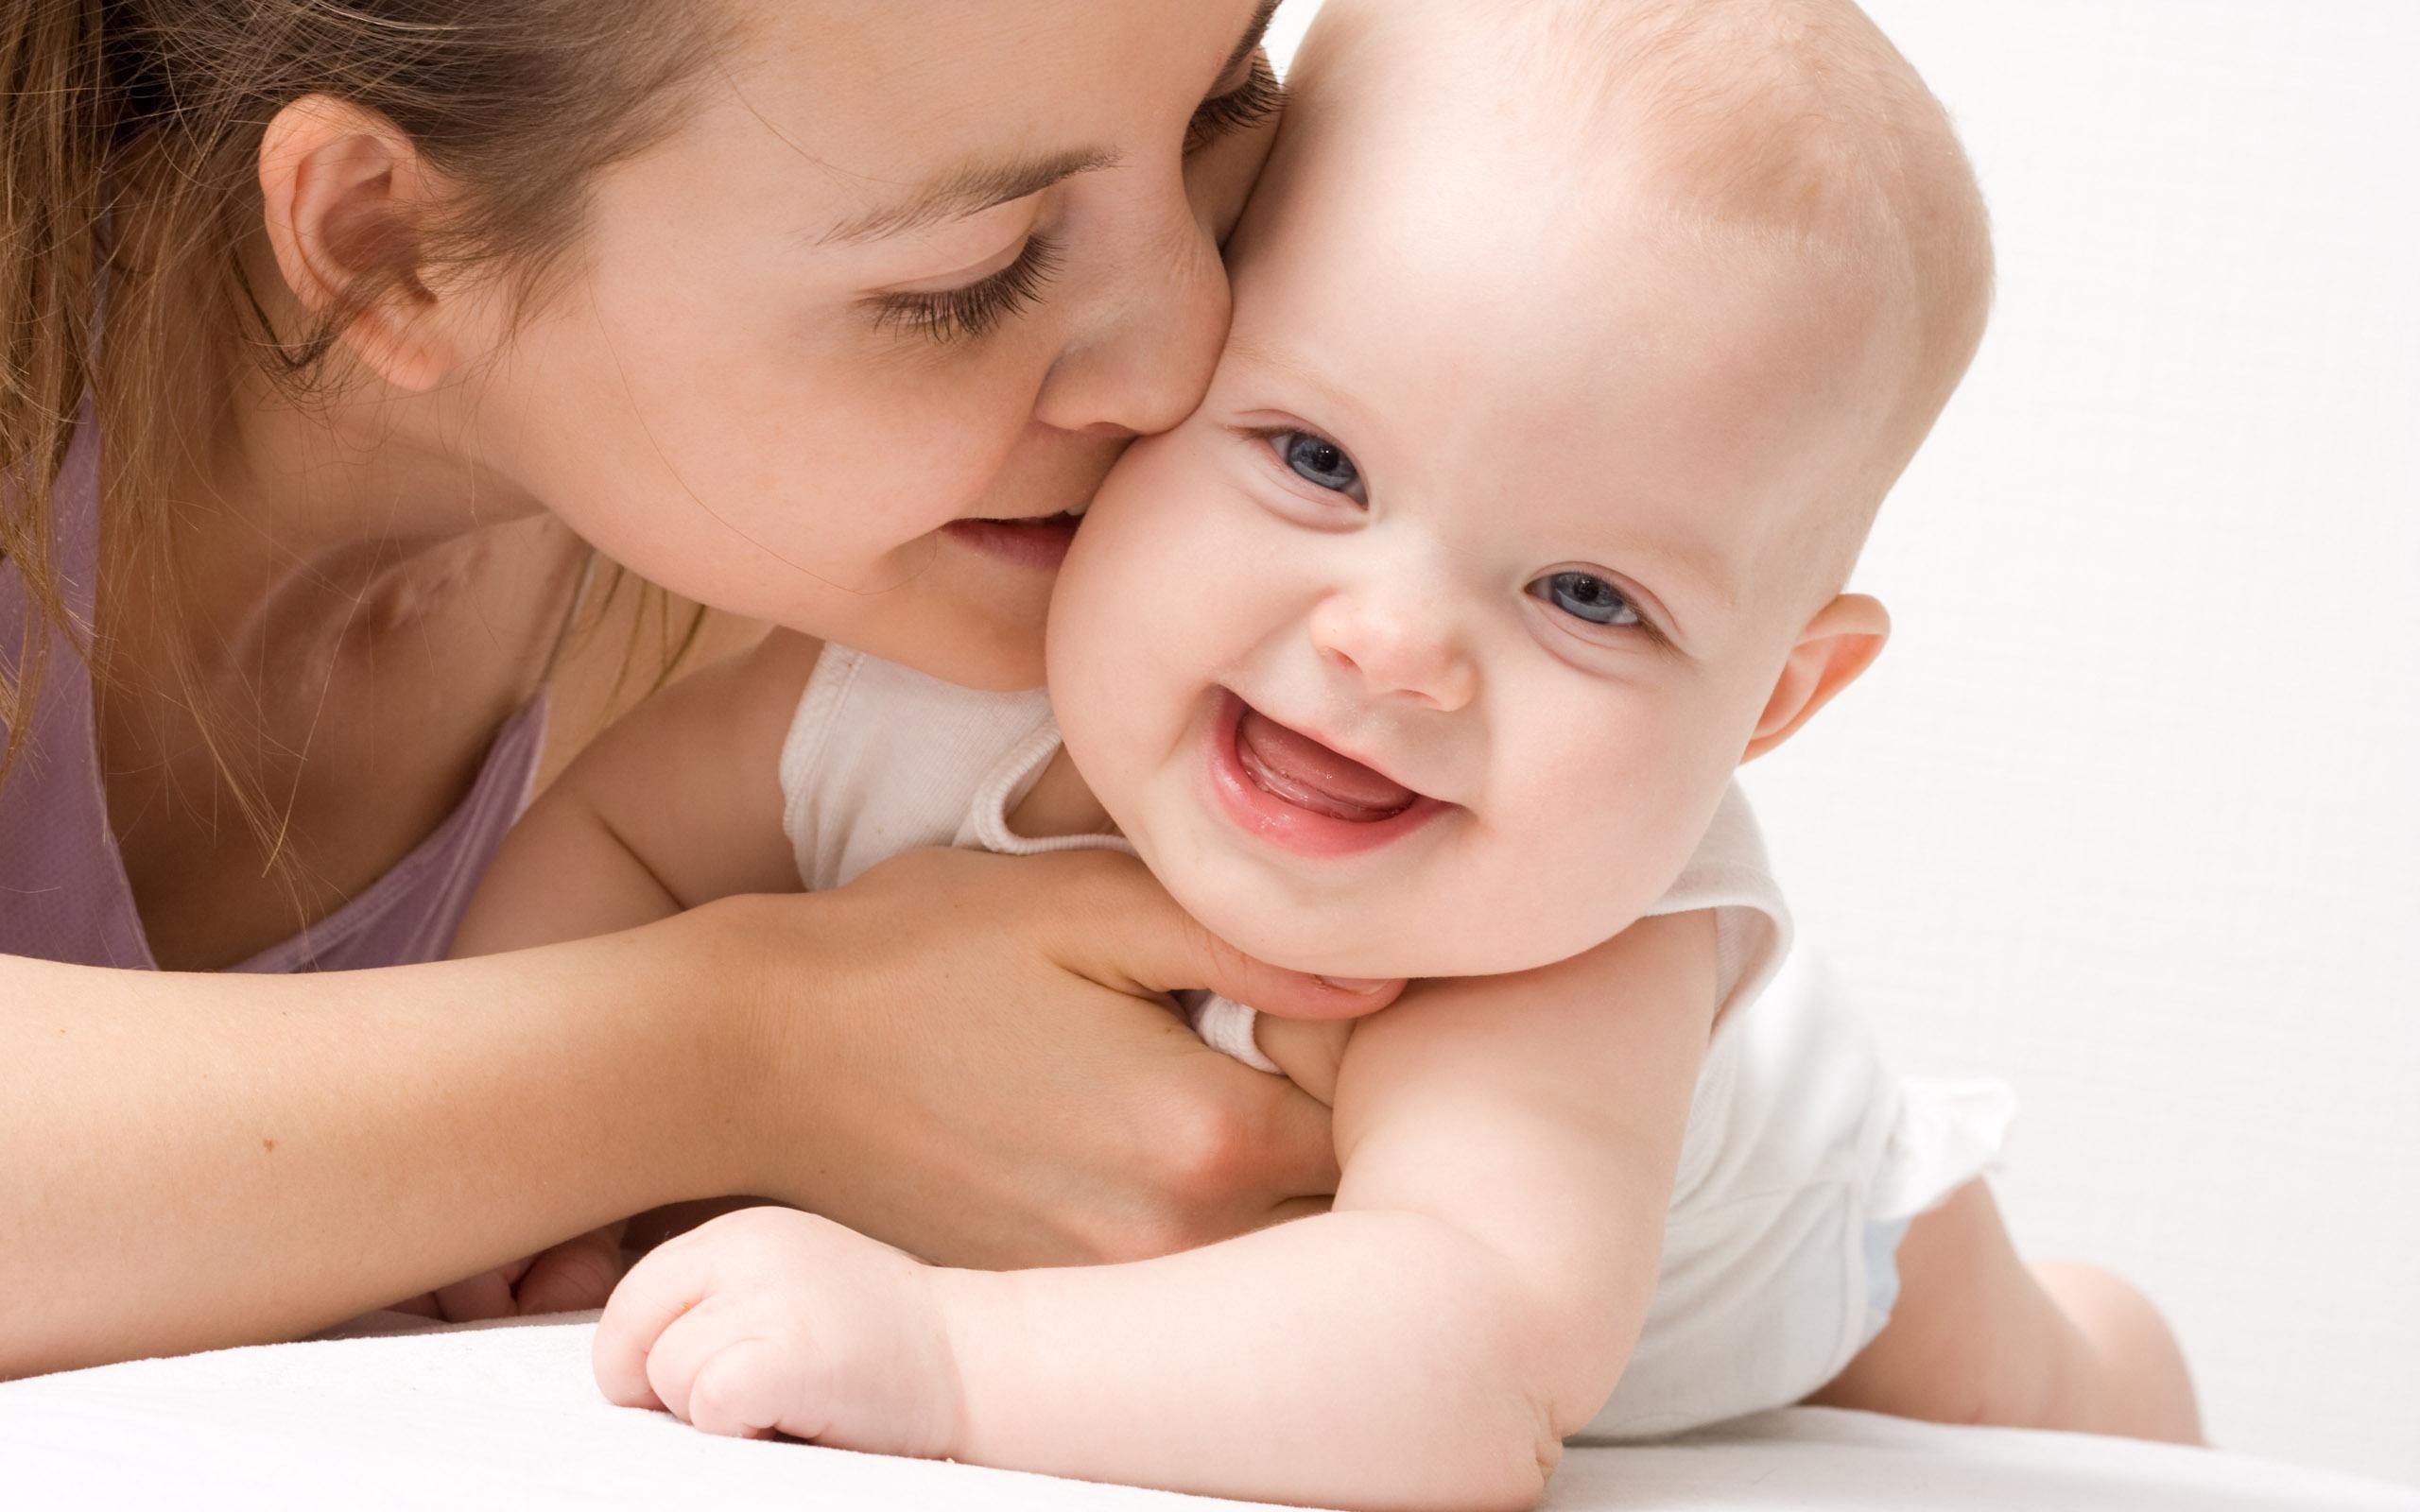 ママ必見です☆おしゃれなマタニティーグッズを紹介します☆のサムネイル画像